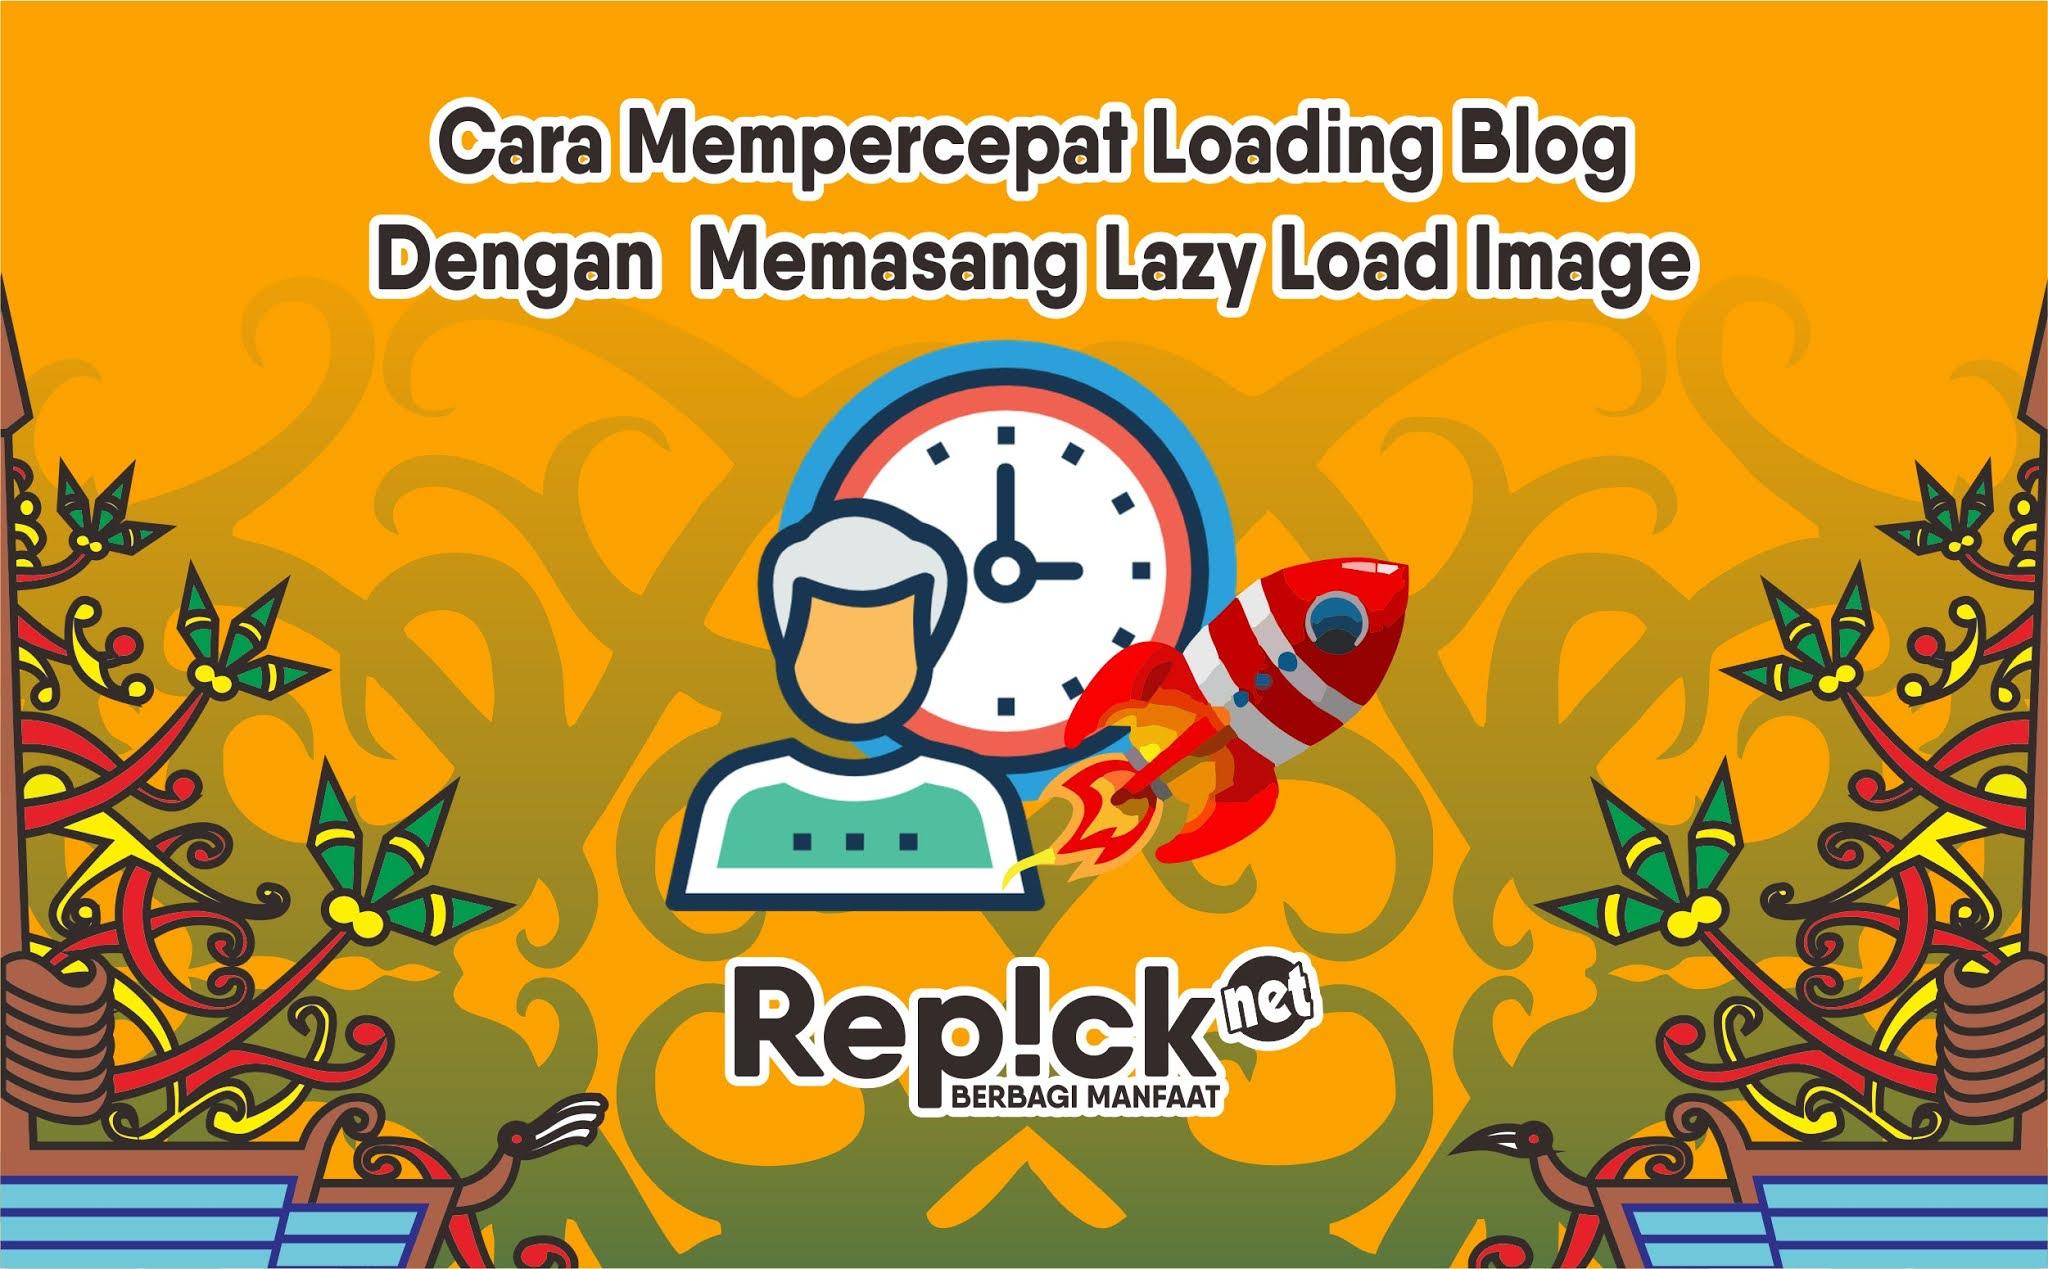 mempercepat loading blog dengan lazy load image